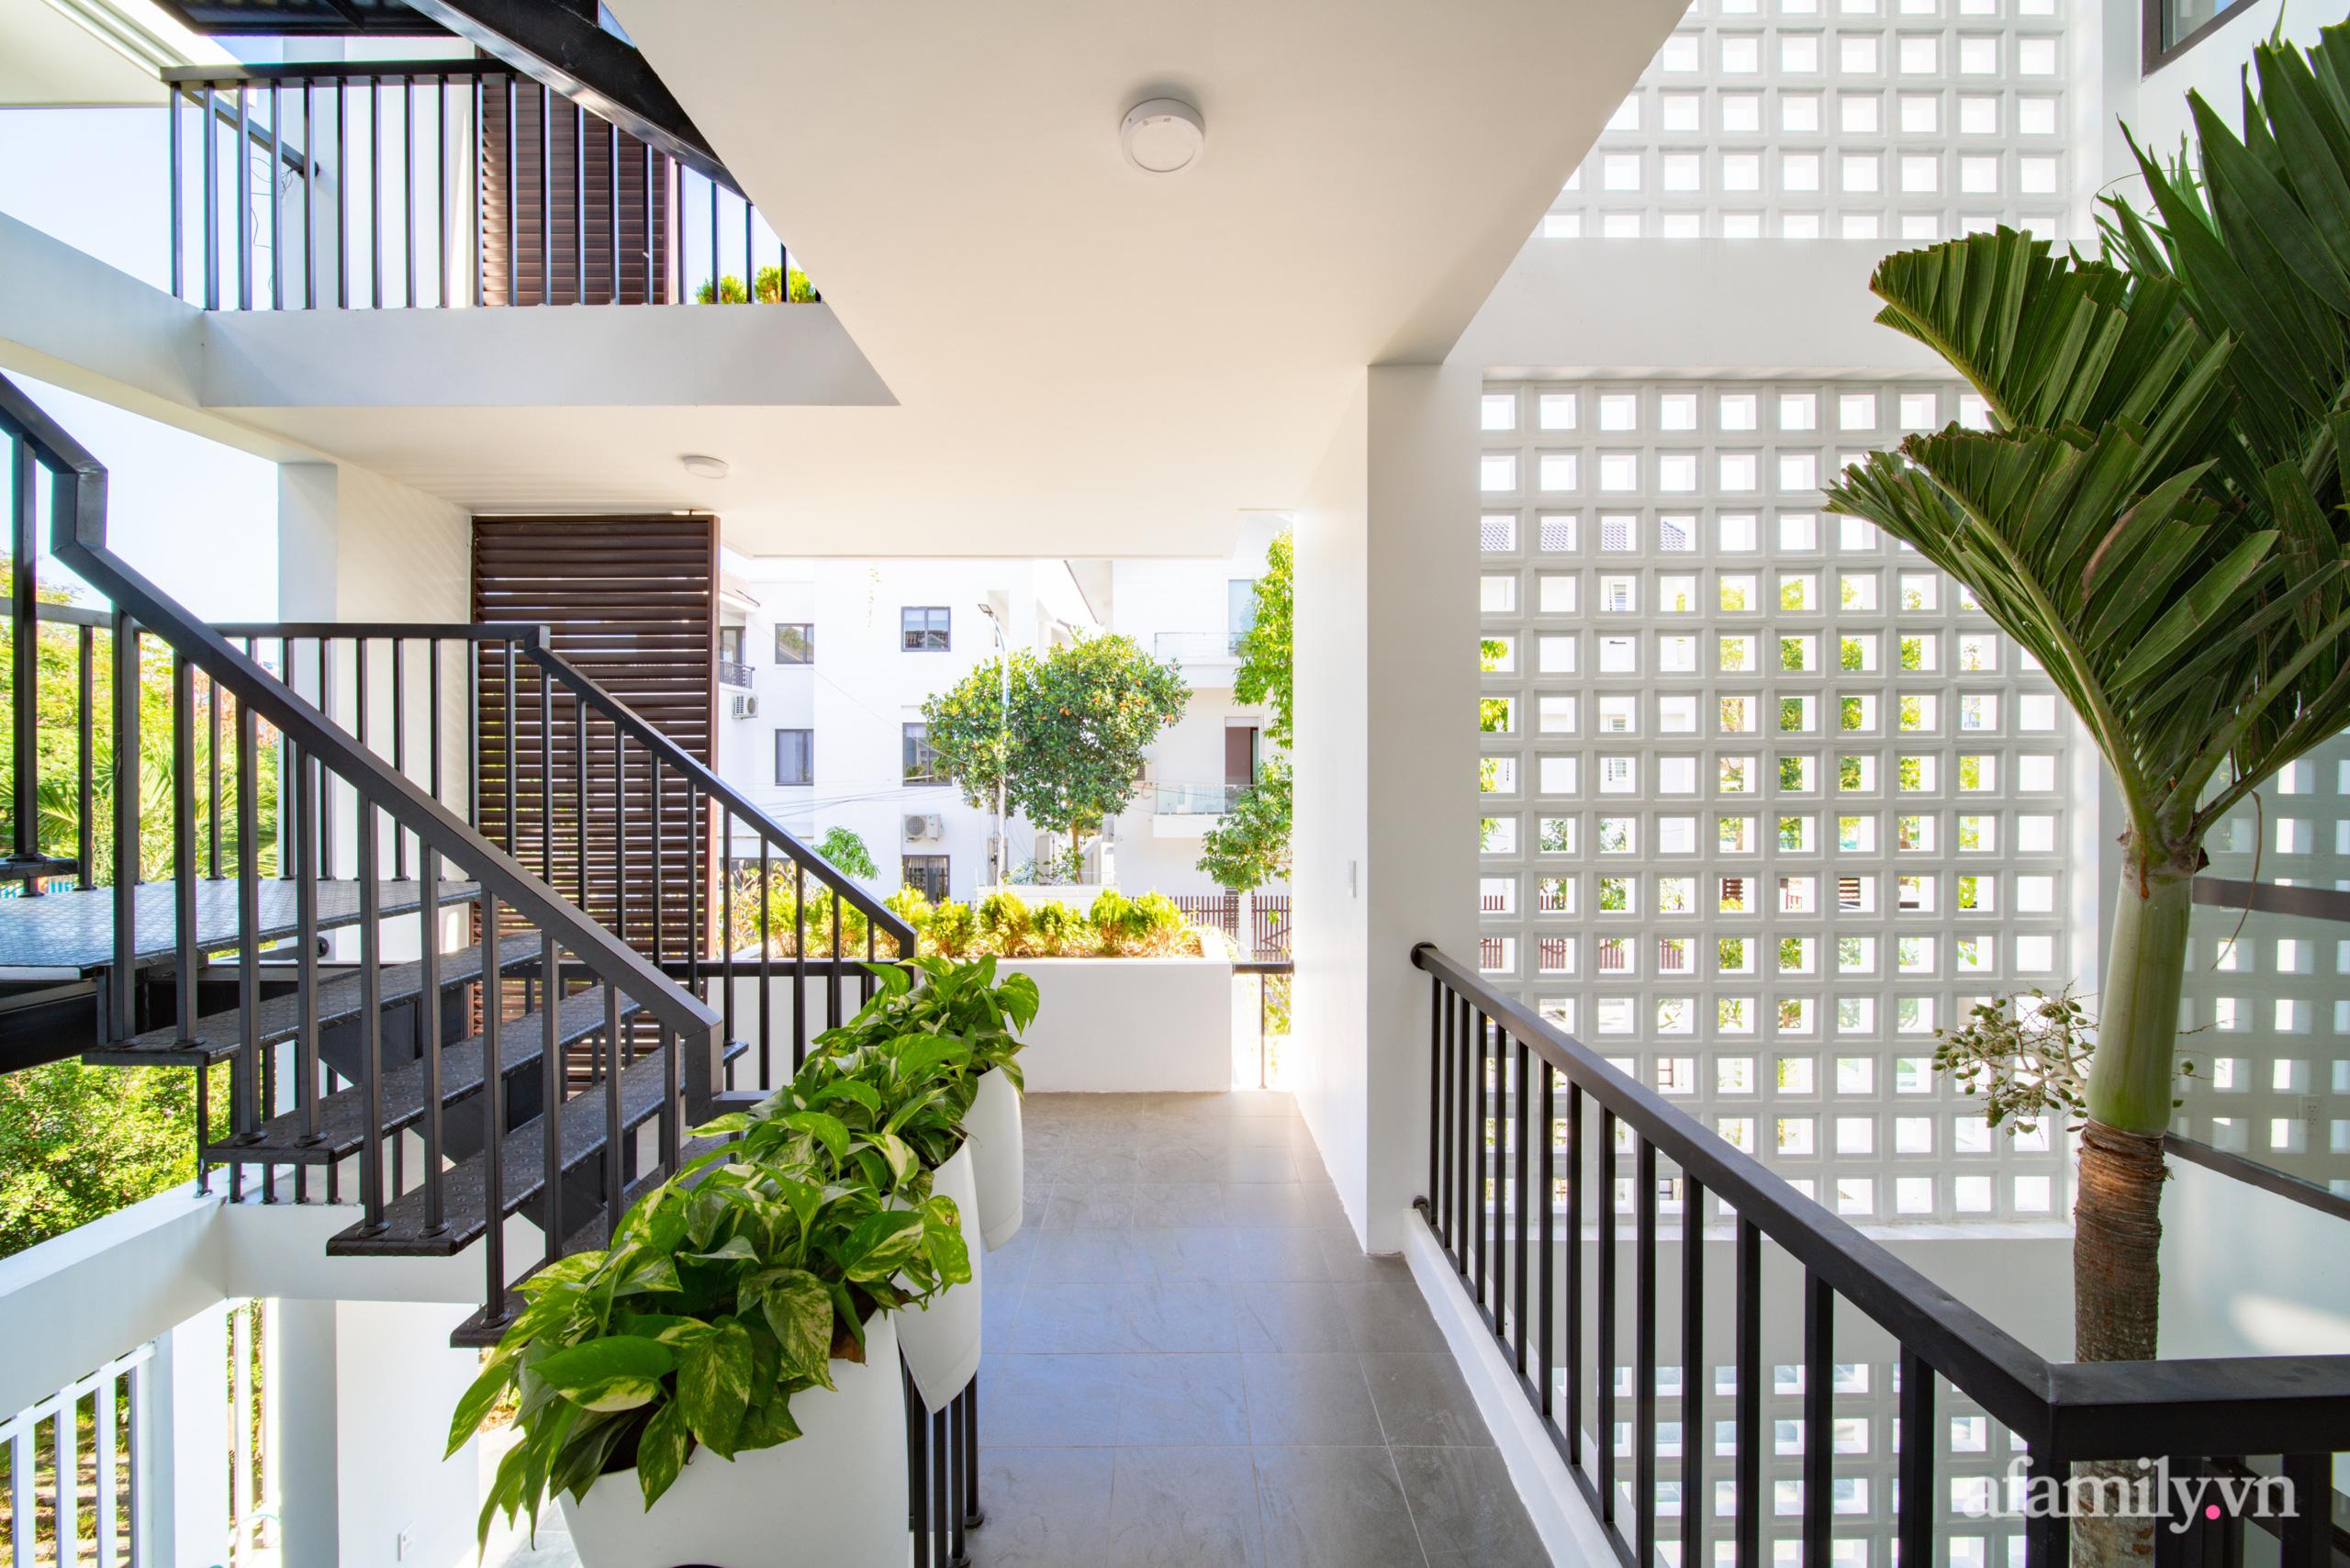 """Nhà phố """"ghi điểm"""" tuyệt đối nhờ thiết kế không gian gần gũi với thiên nhiên ở Hải Phòng - Ảnh 8."""